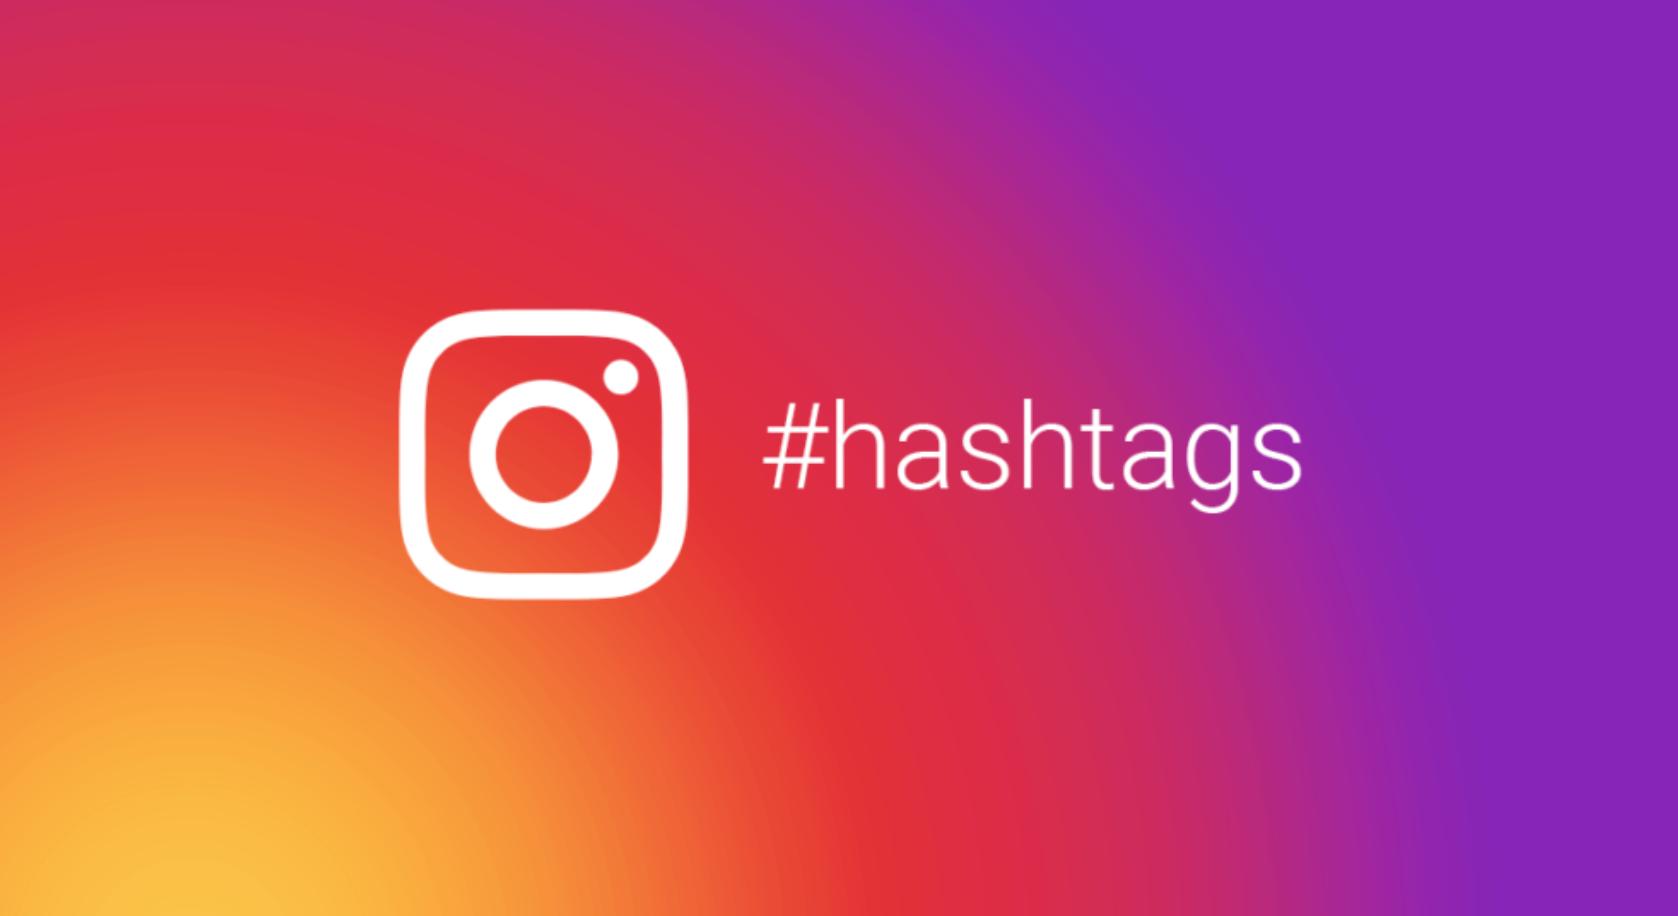 6 ferramentas para encontrar melhores hashtags do Instagram no seu segmento